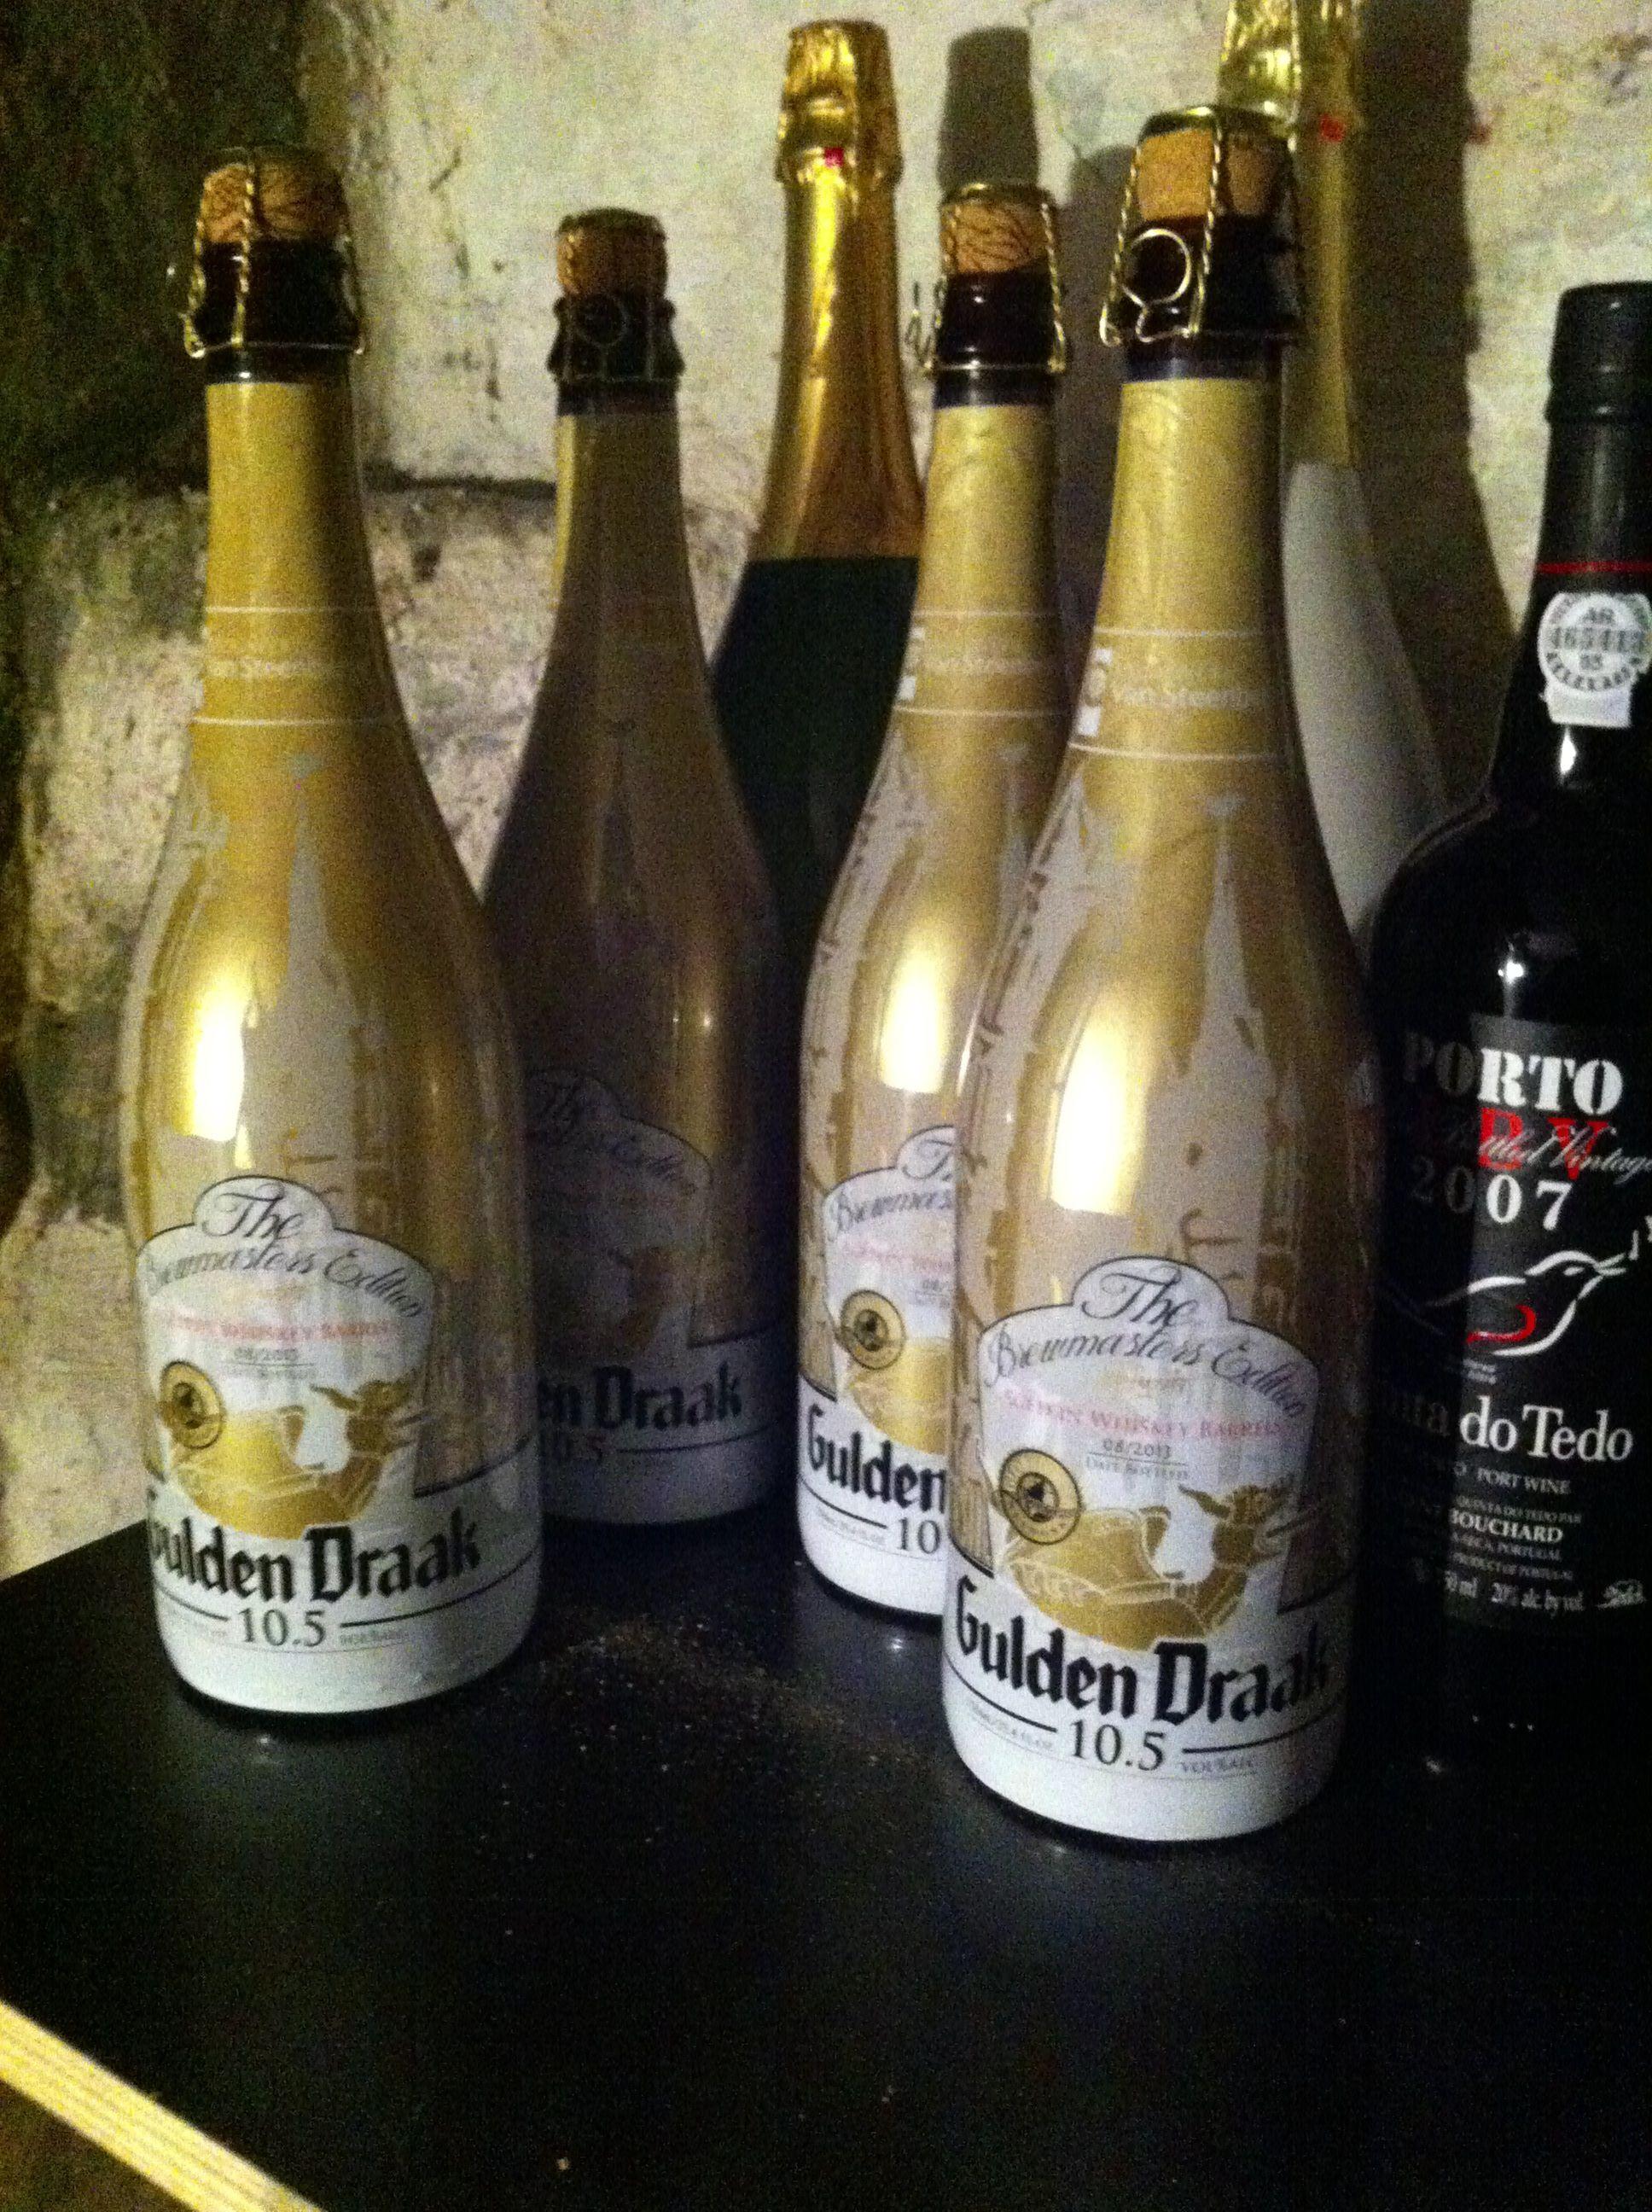 #guldendraak brewmasters edition | Belgian beers | Beer ...